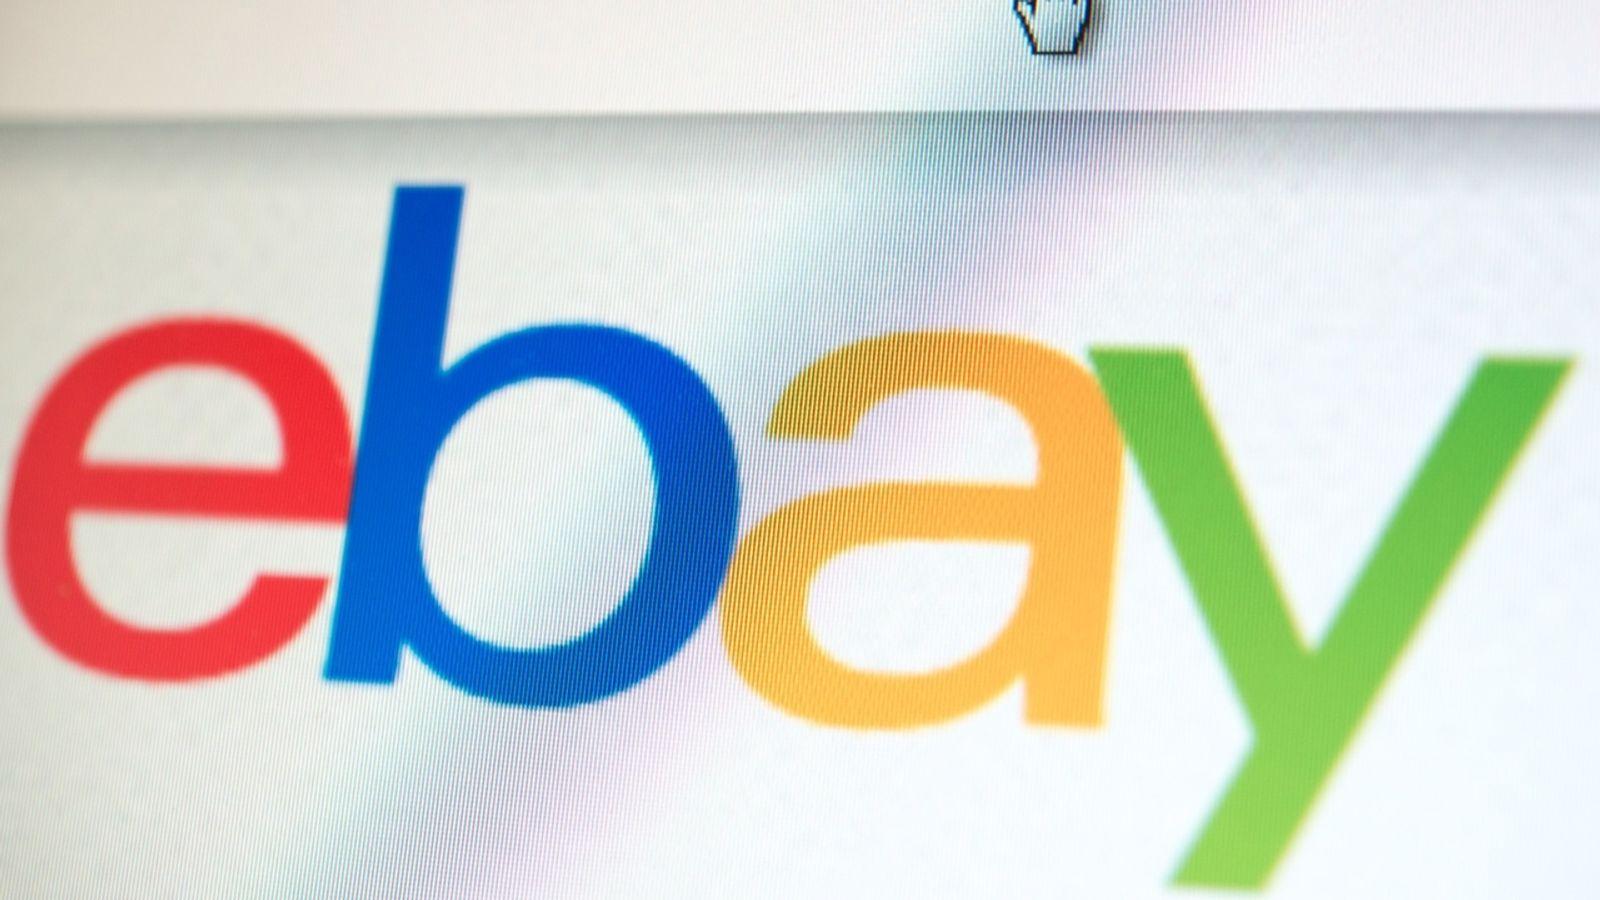 Verbraucherärger: Schlechte Ebay-Bewertung wegen Feiertag